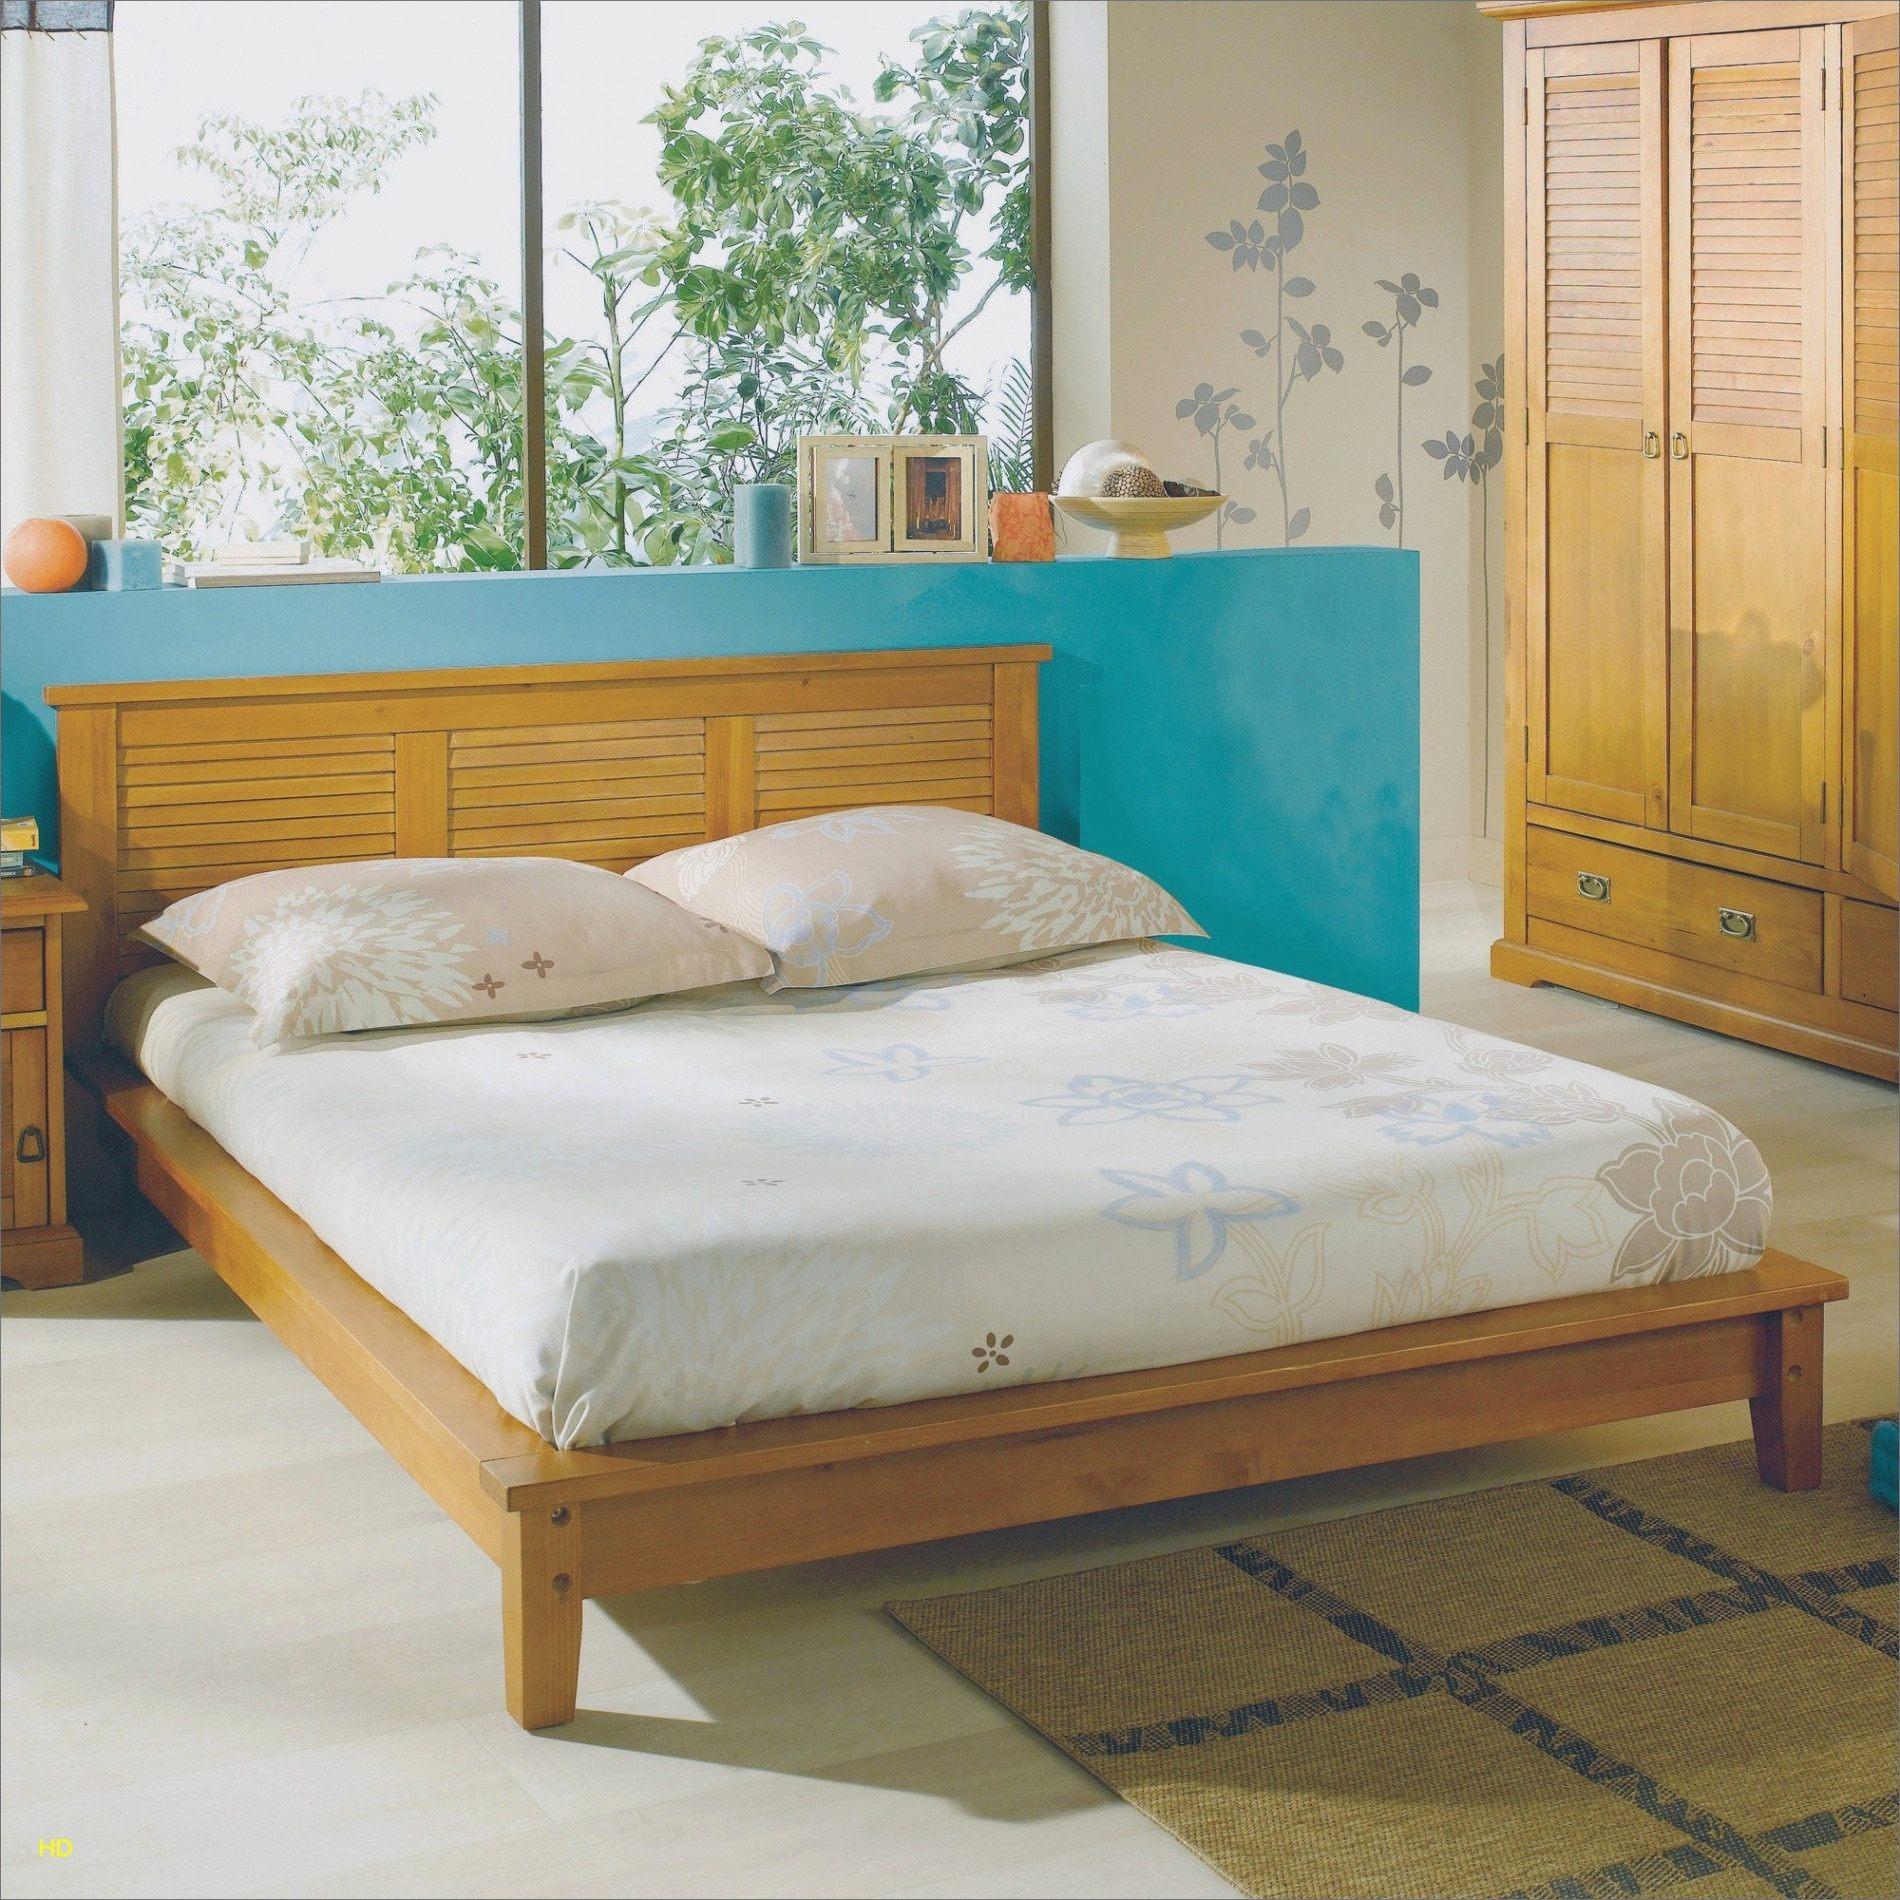 Lit 160×200 Rangement Génial Tete De Lit Rangement 160 Ikea Tete De Lit 160 Meilleur De Image